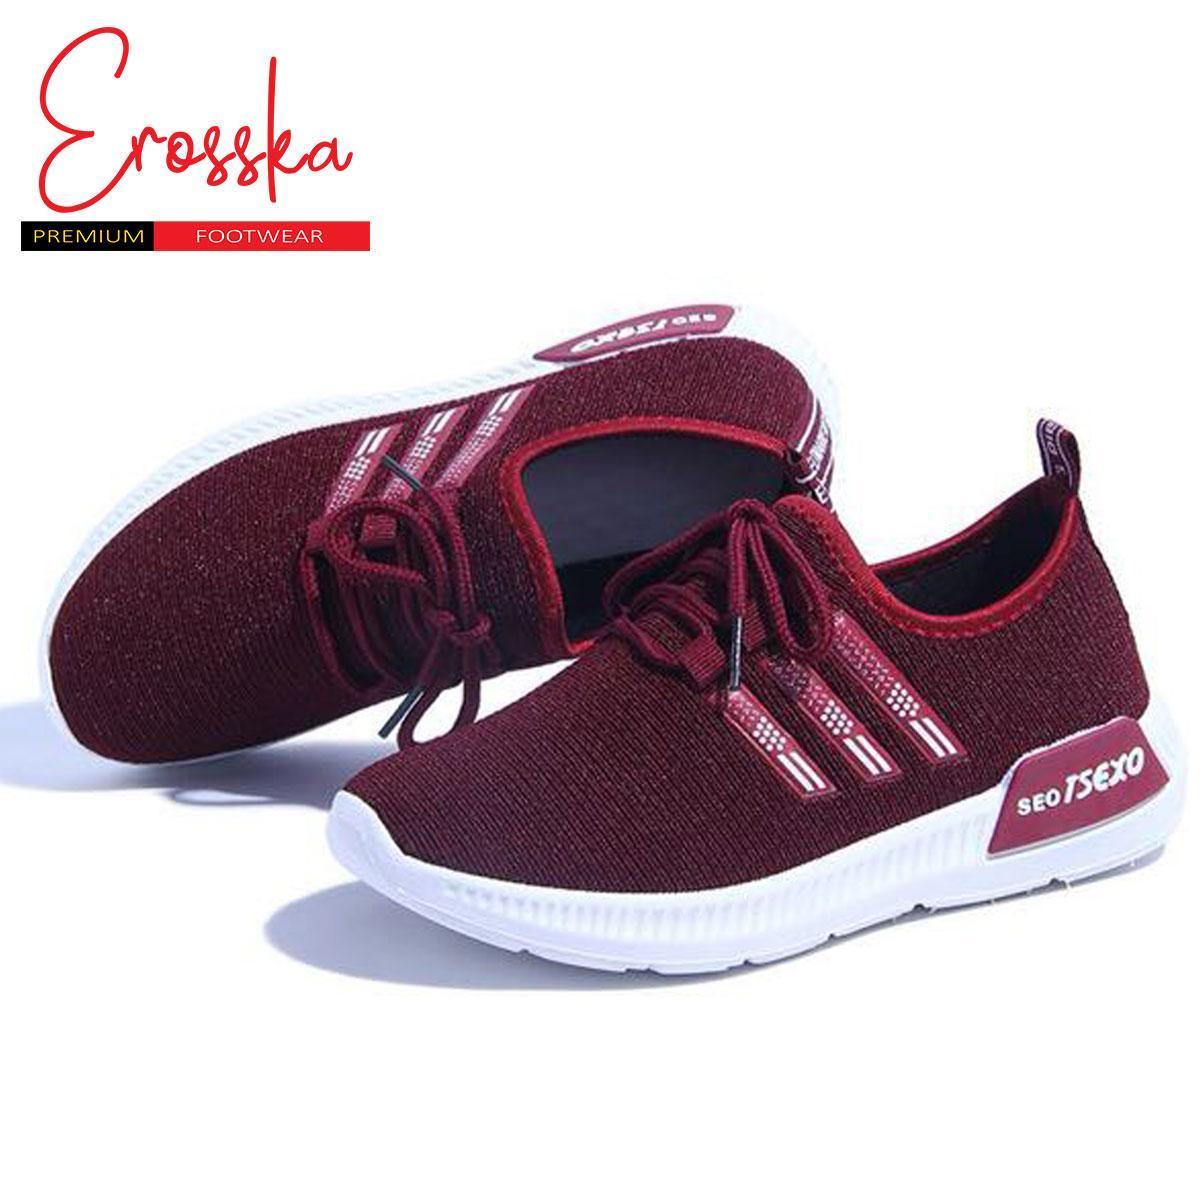 Giày Sneaker Nữ Thời Trang Erosska - GN036 (Đỏ)